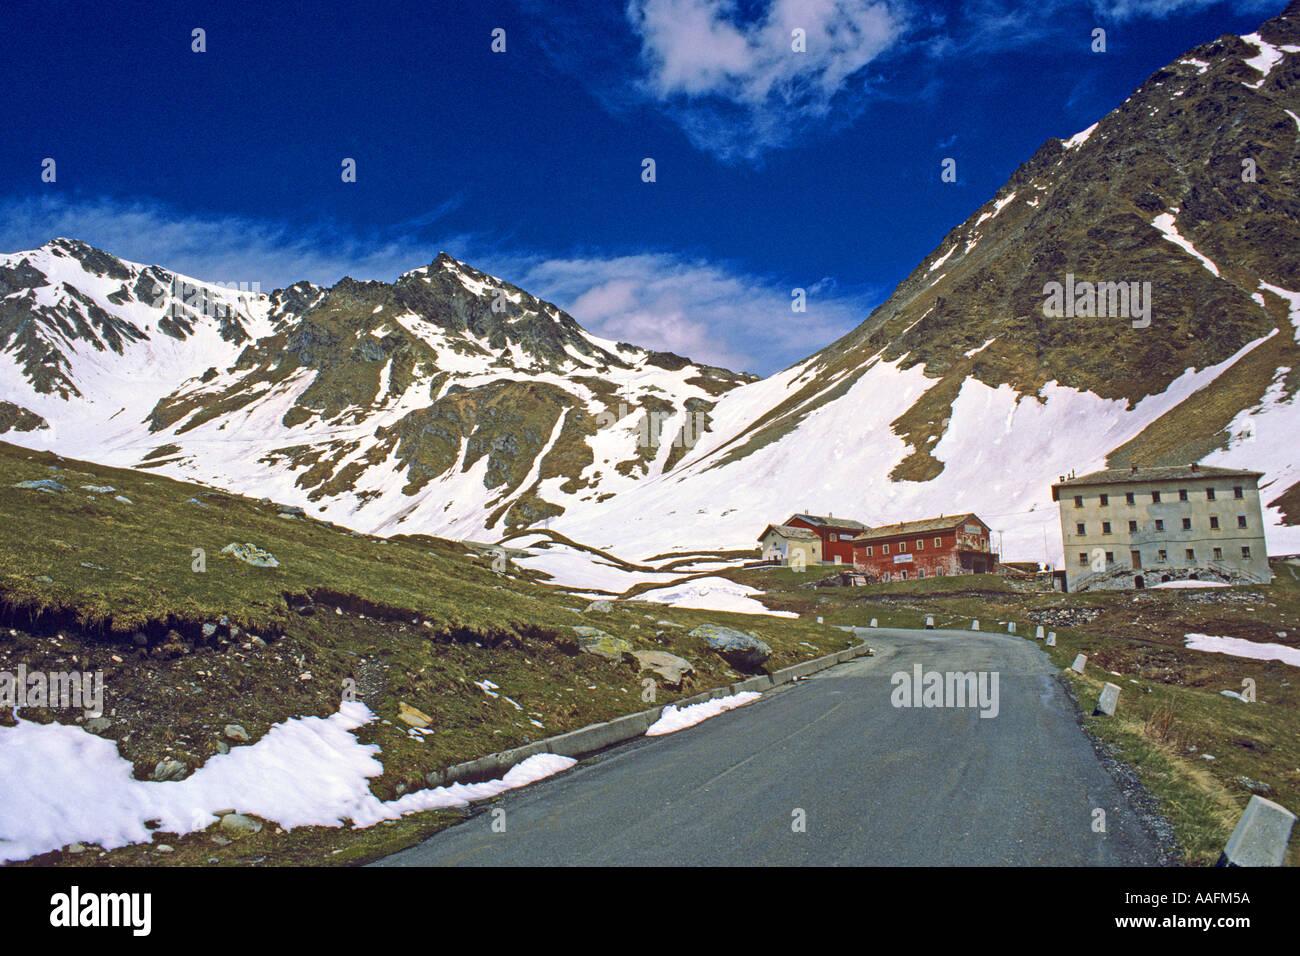 Buildings on Italian side of Grand St Bernard Pass JMH0633 - Stock Image